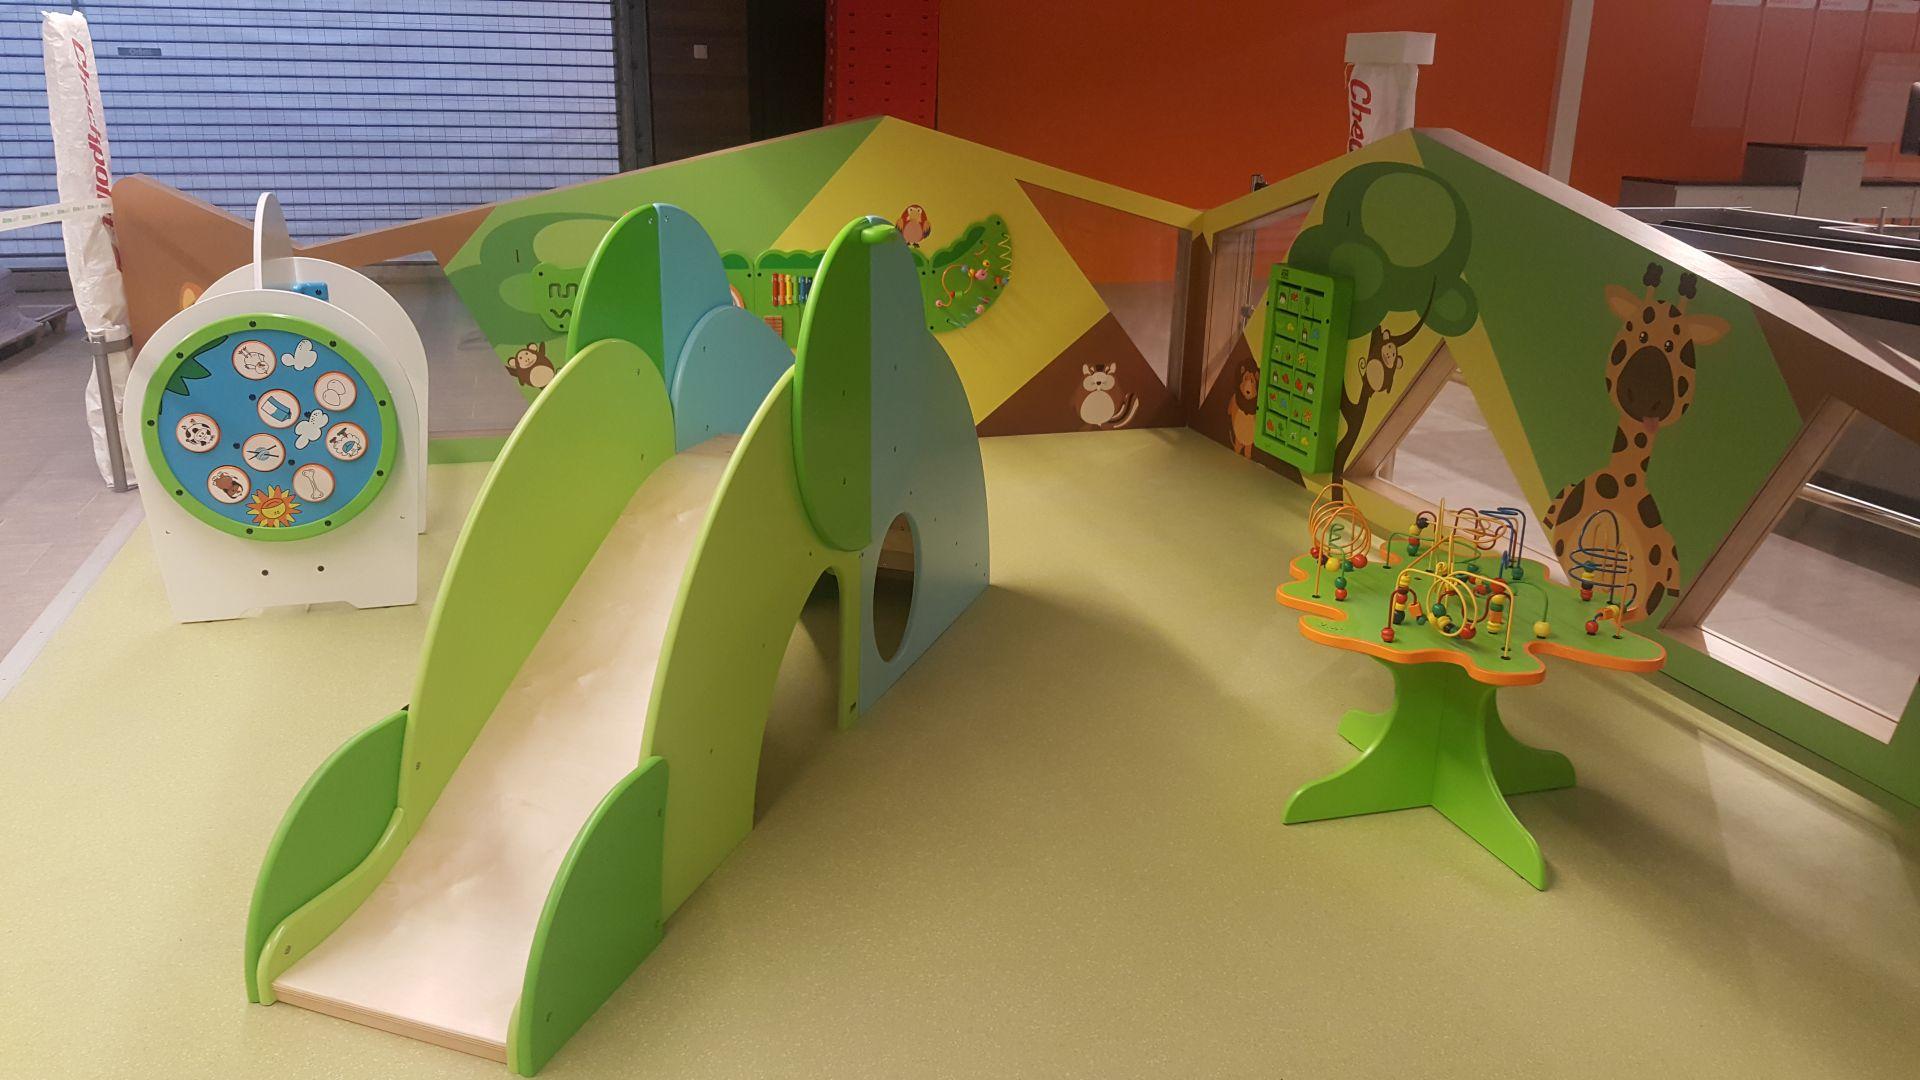 Amenagement espace enfants - Amenagement espace enfant ...